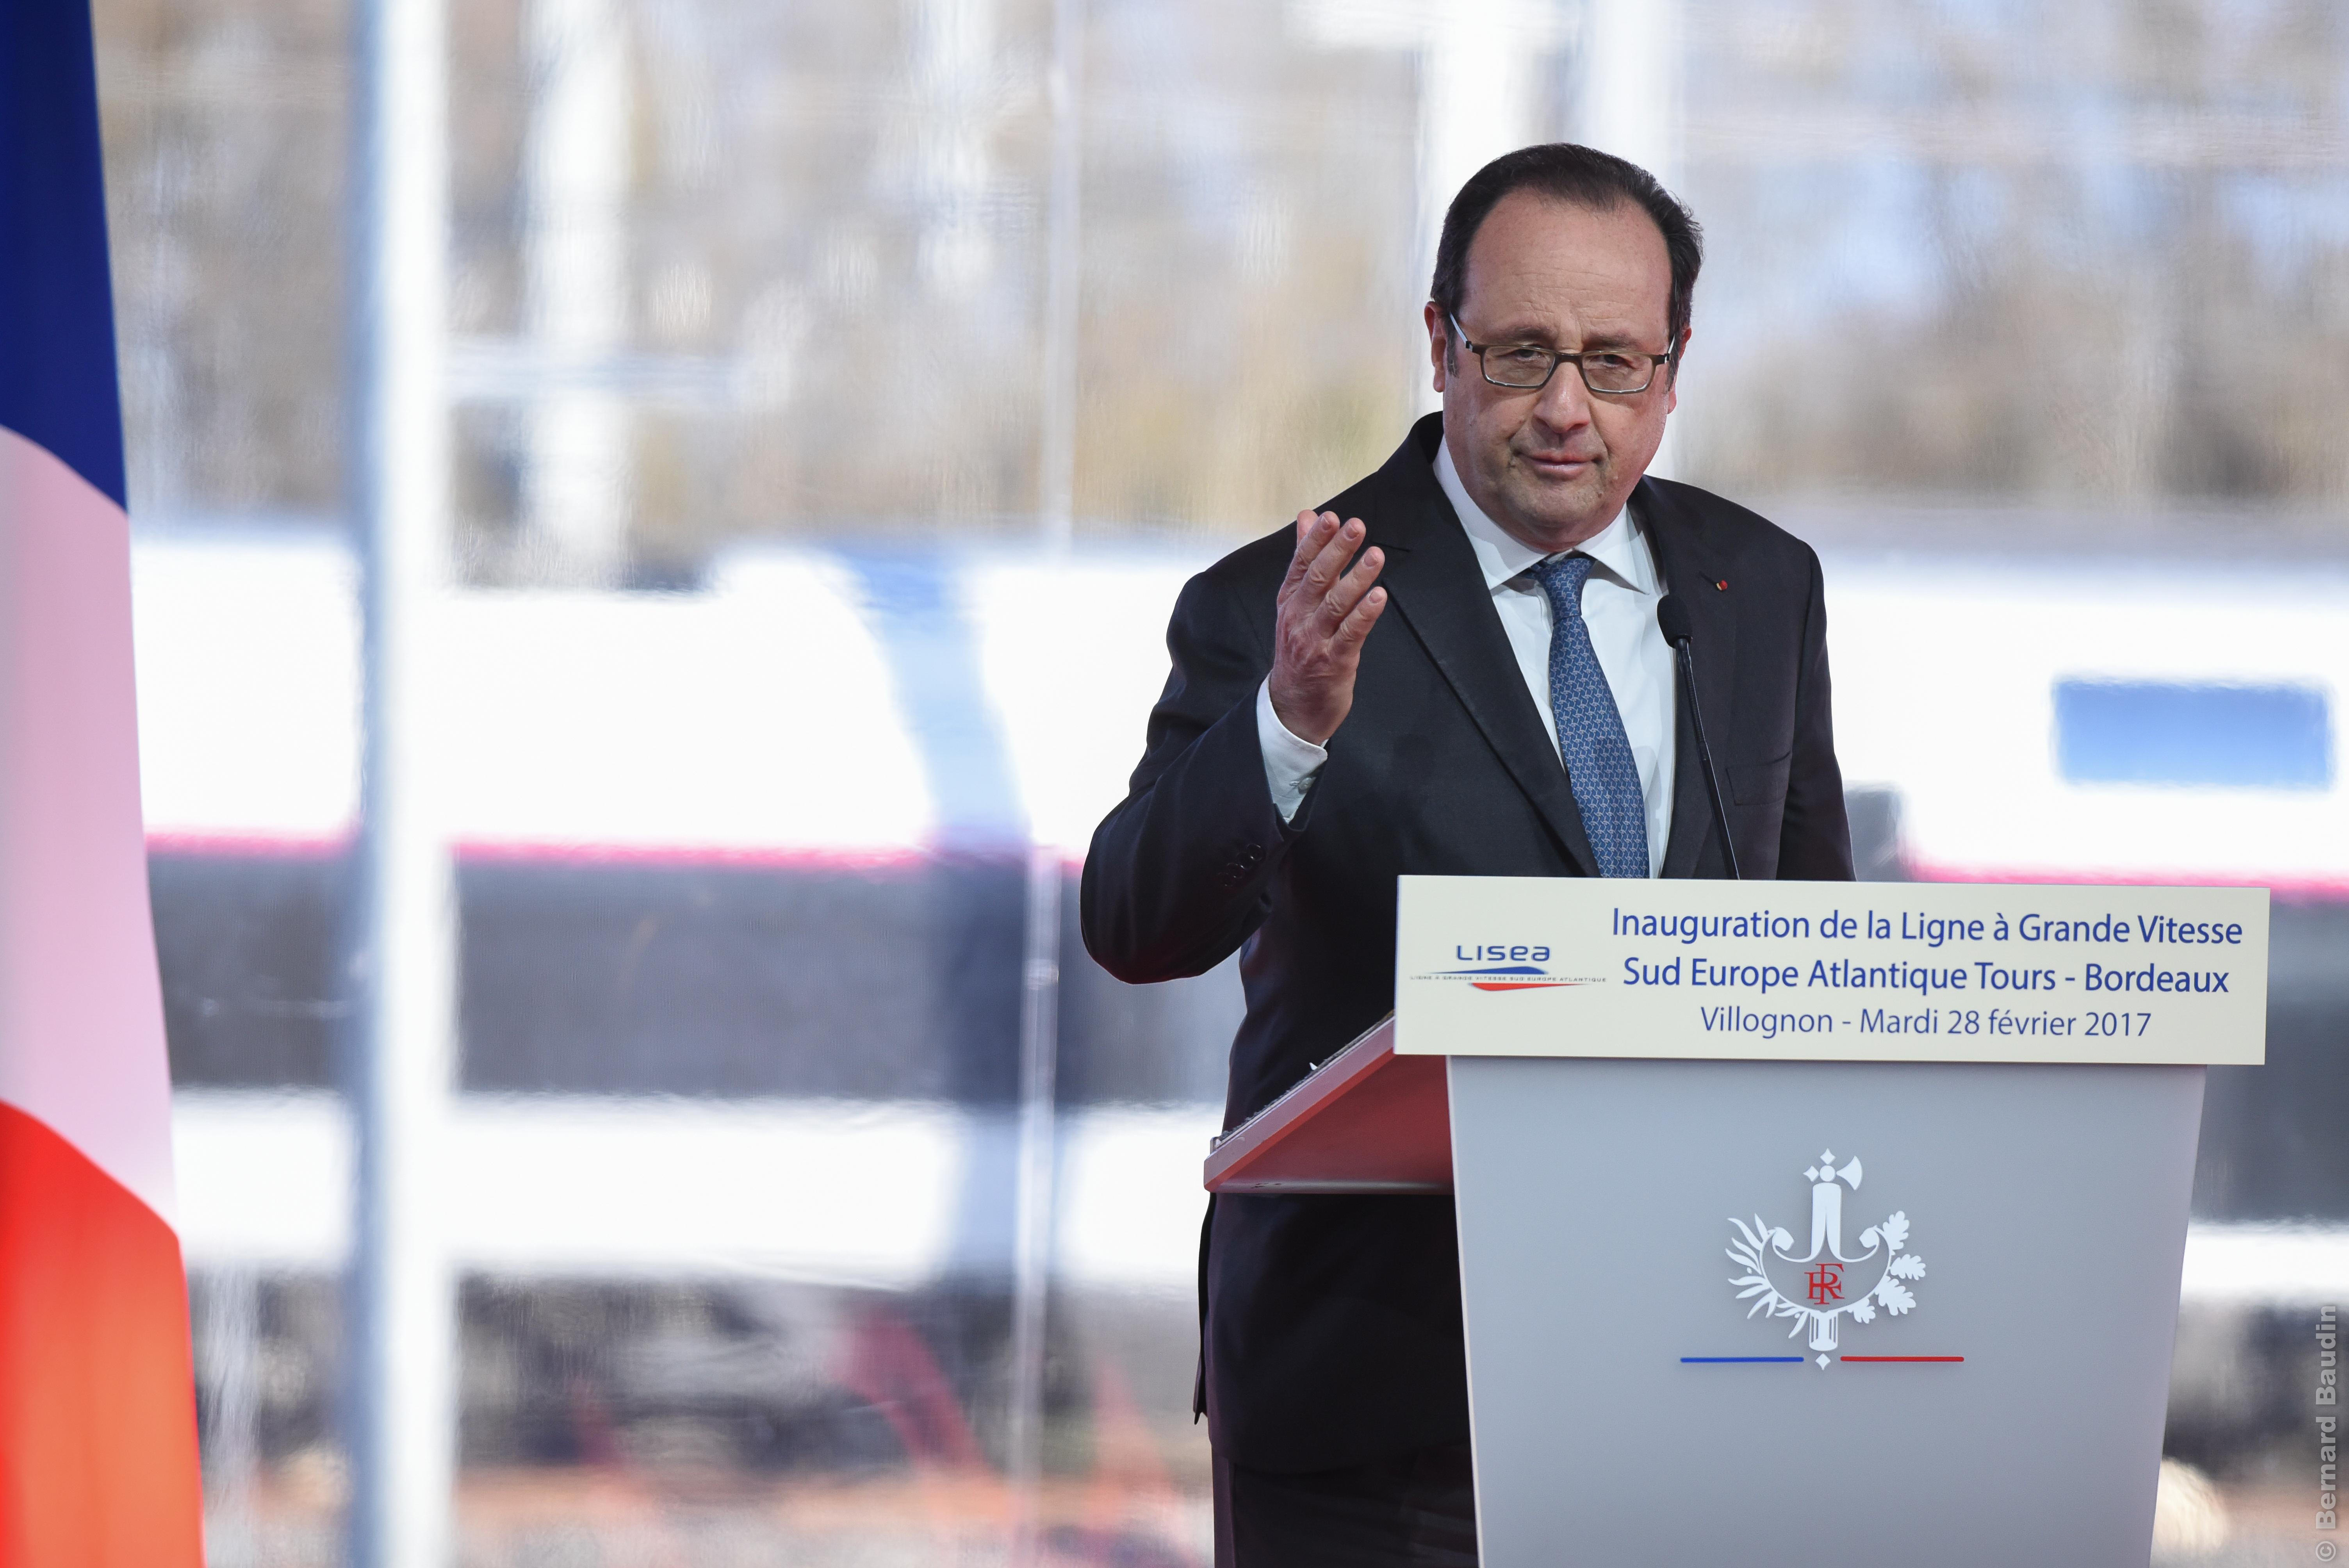 Revoir l'inauguration de la LGV SEA en présence de Monsieur François Hollande